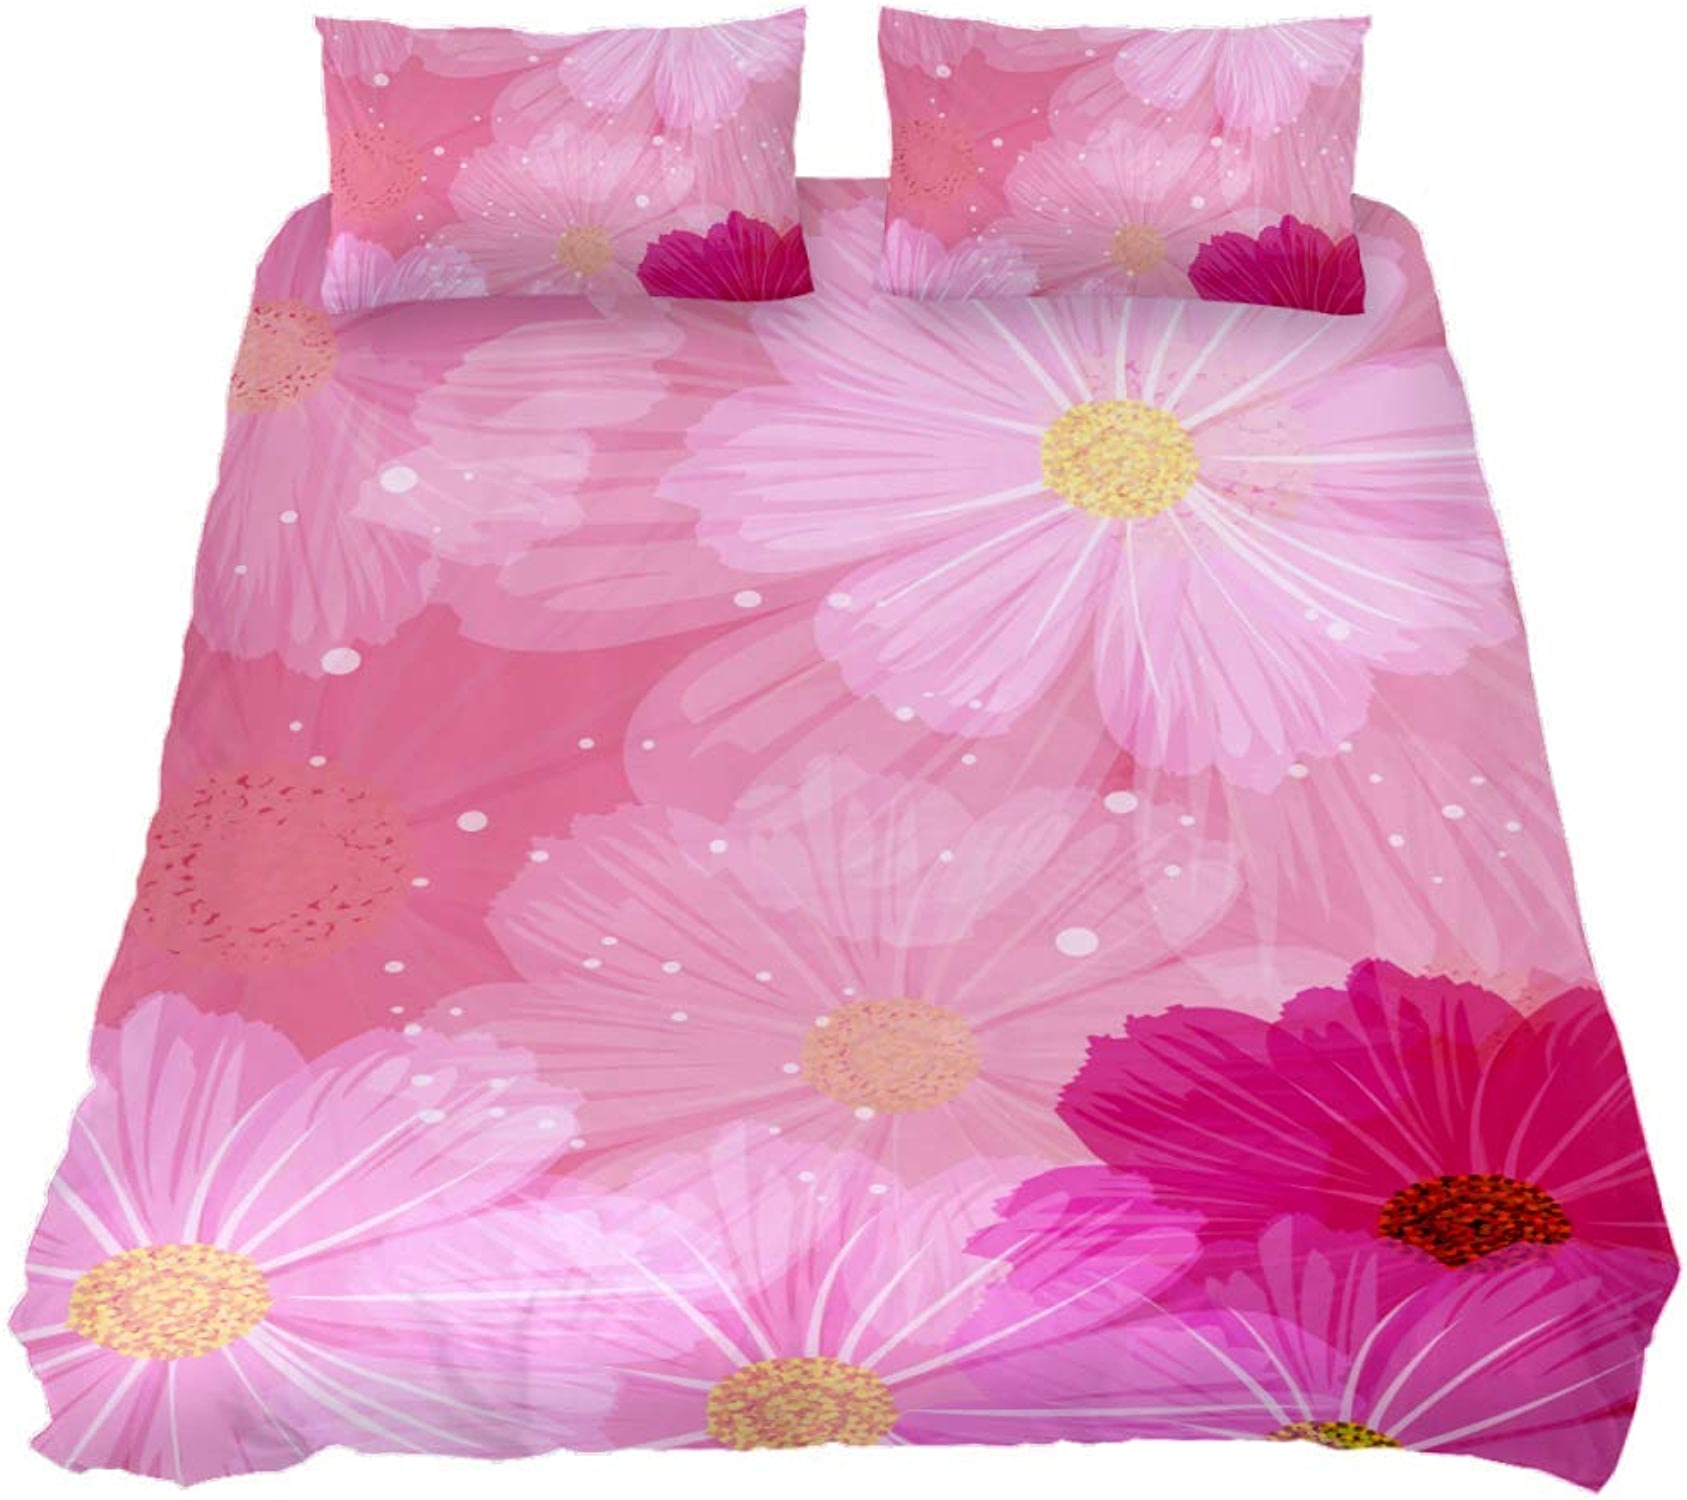 TIZORAX Parure de lit 3 pièces en Microfibre avec Housse de Couette et 2 taies d'oreiller pour Homme et Femme Motif Floral Rose, MultiCouleure, Full 79 x 91 \ 20 x 30 inch